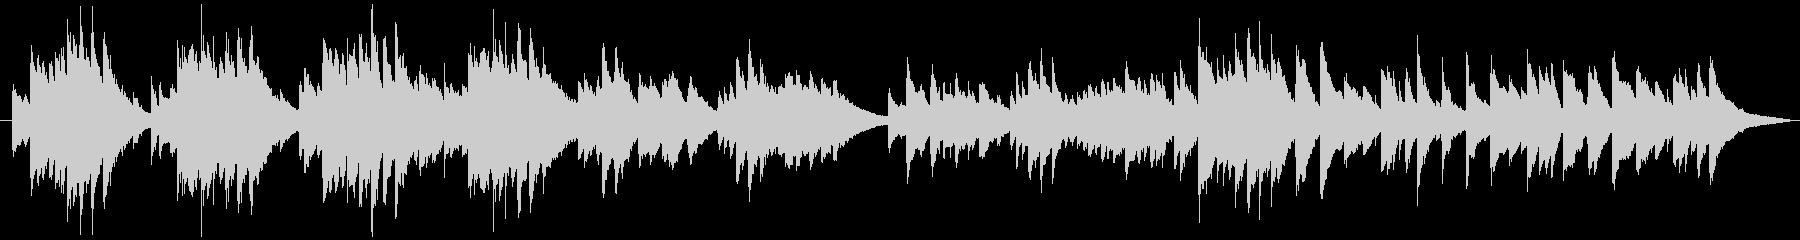 ピアノの旋律が切ない曲の未再生の波形